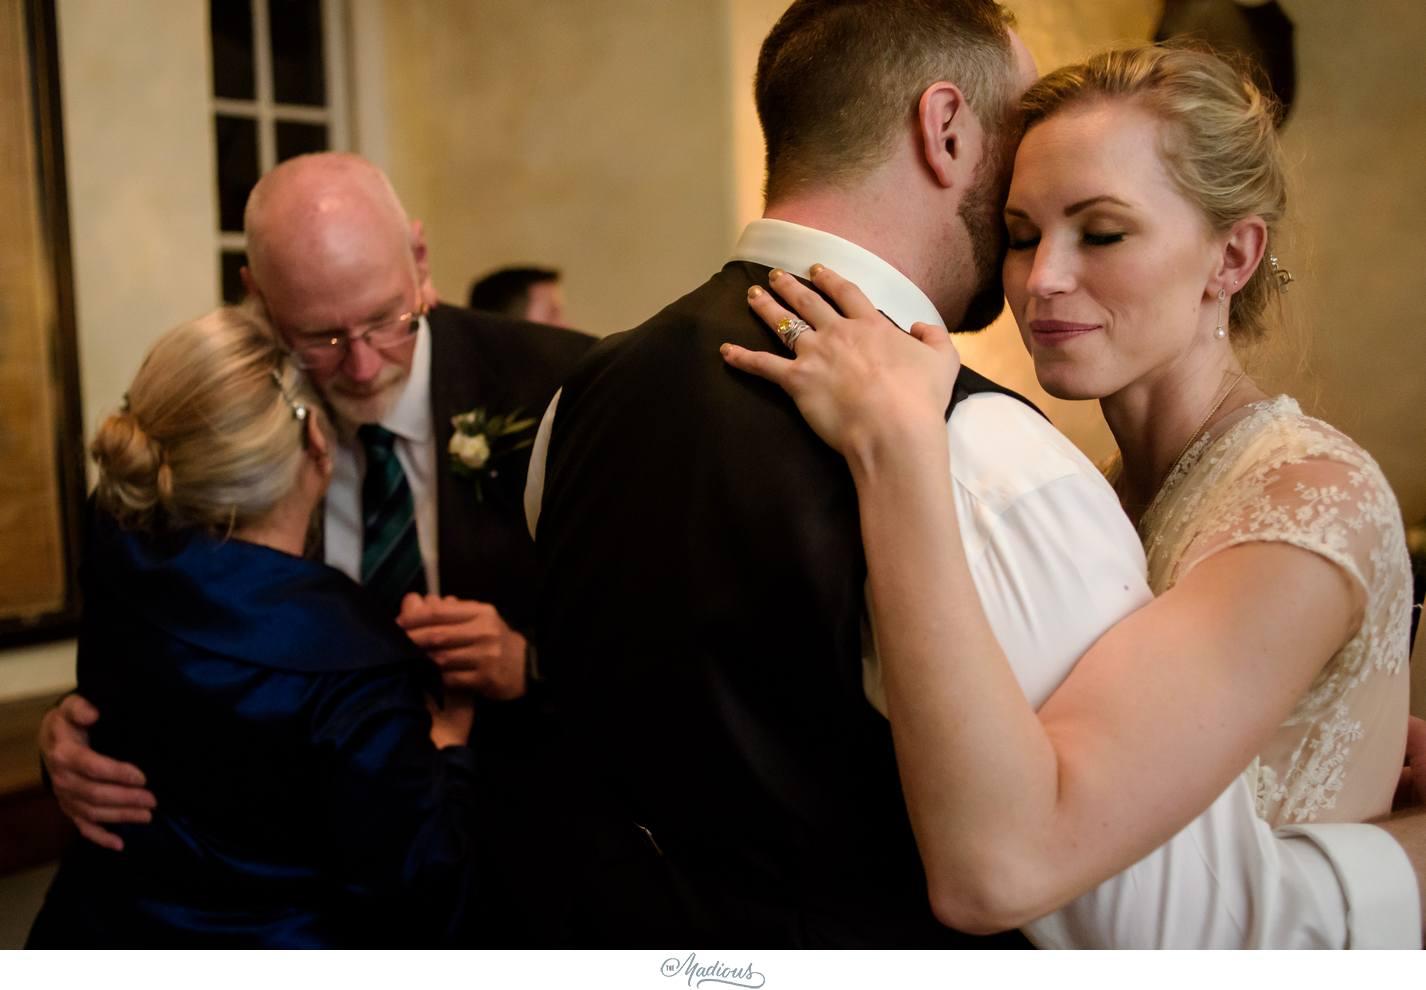 Balbegno_Dunnotar_Castle_Scottland_Wedding_71.jpg